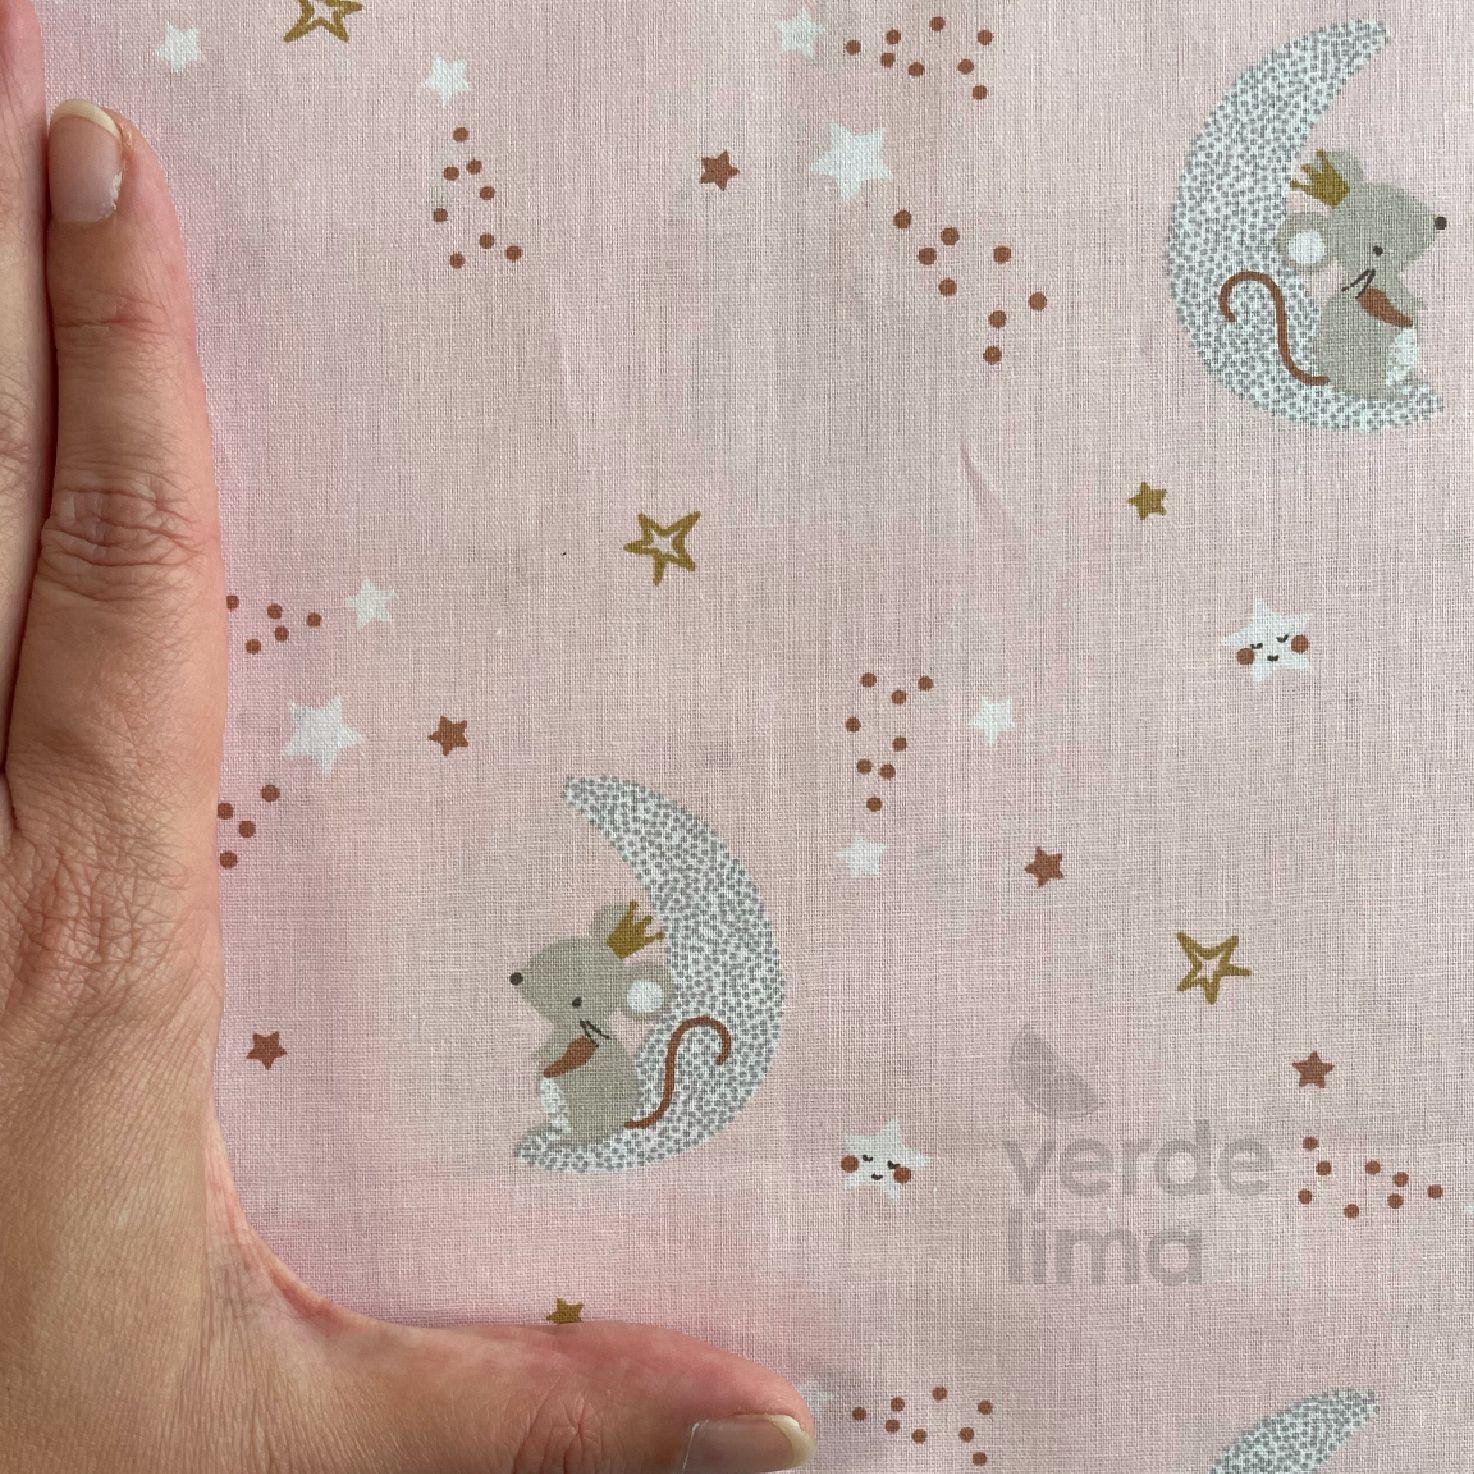 Ratinho nas estrelas - Ratinho na lua fundo rosa